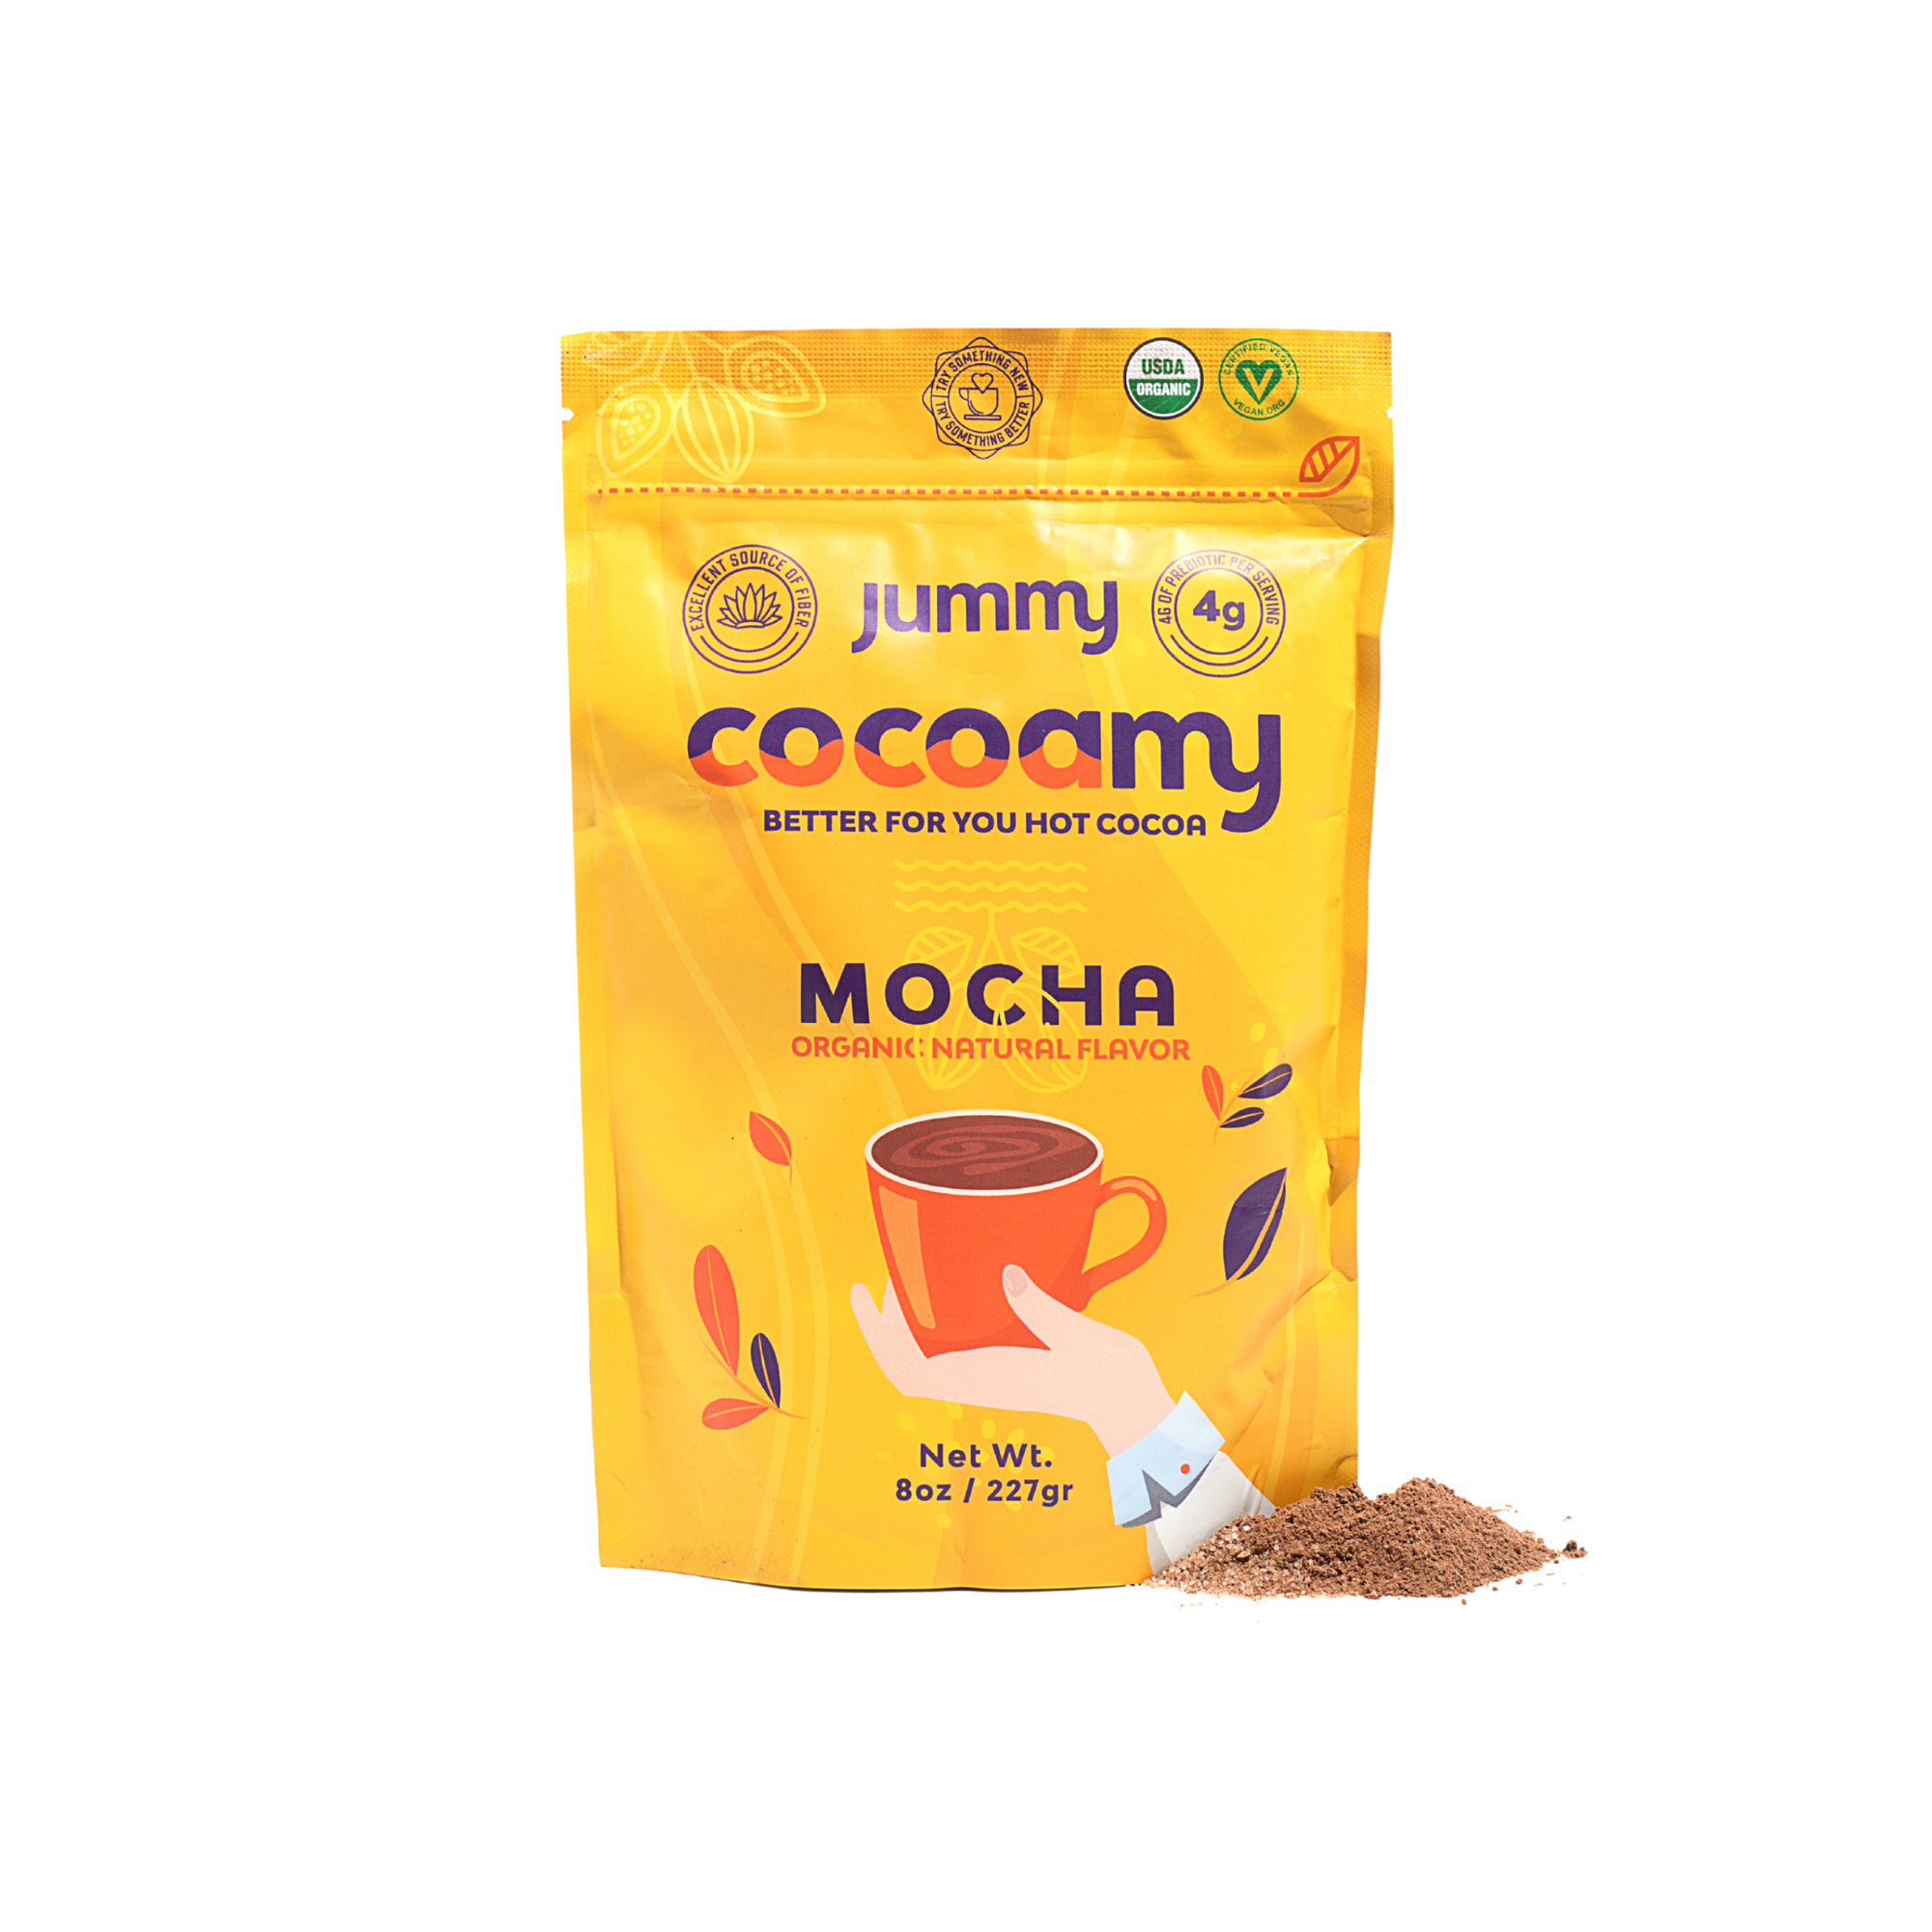 Jummy - Cocoamy Organic Hot Cocoa Mocha Flavor